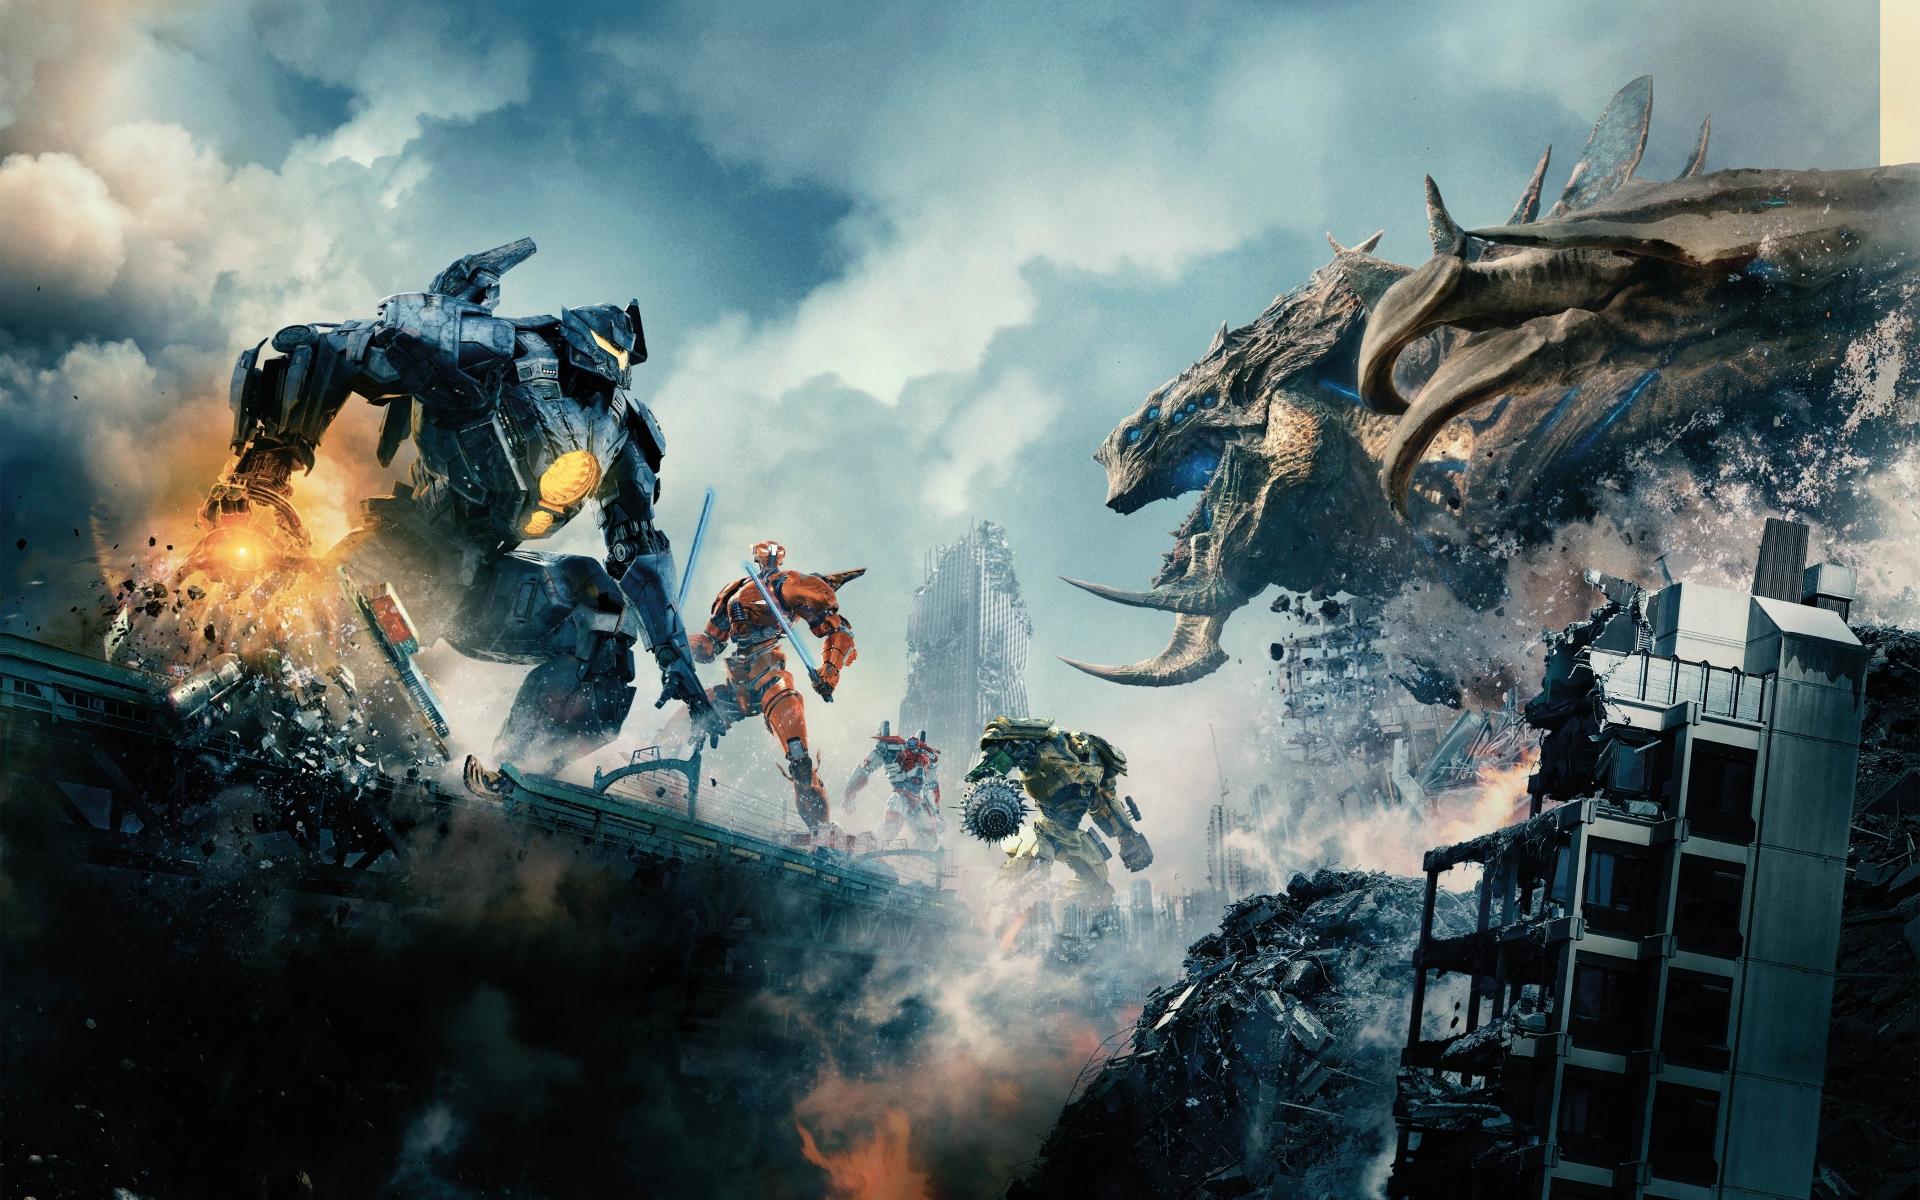 Creature Vs Robots Pacific Rim Uprising  Hd 8k Wallpaper